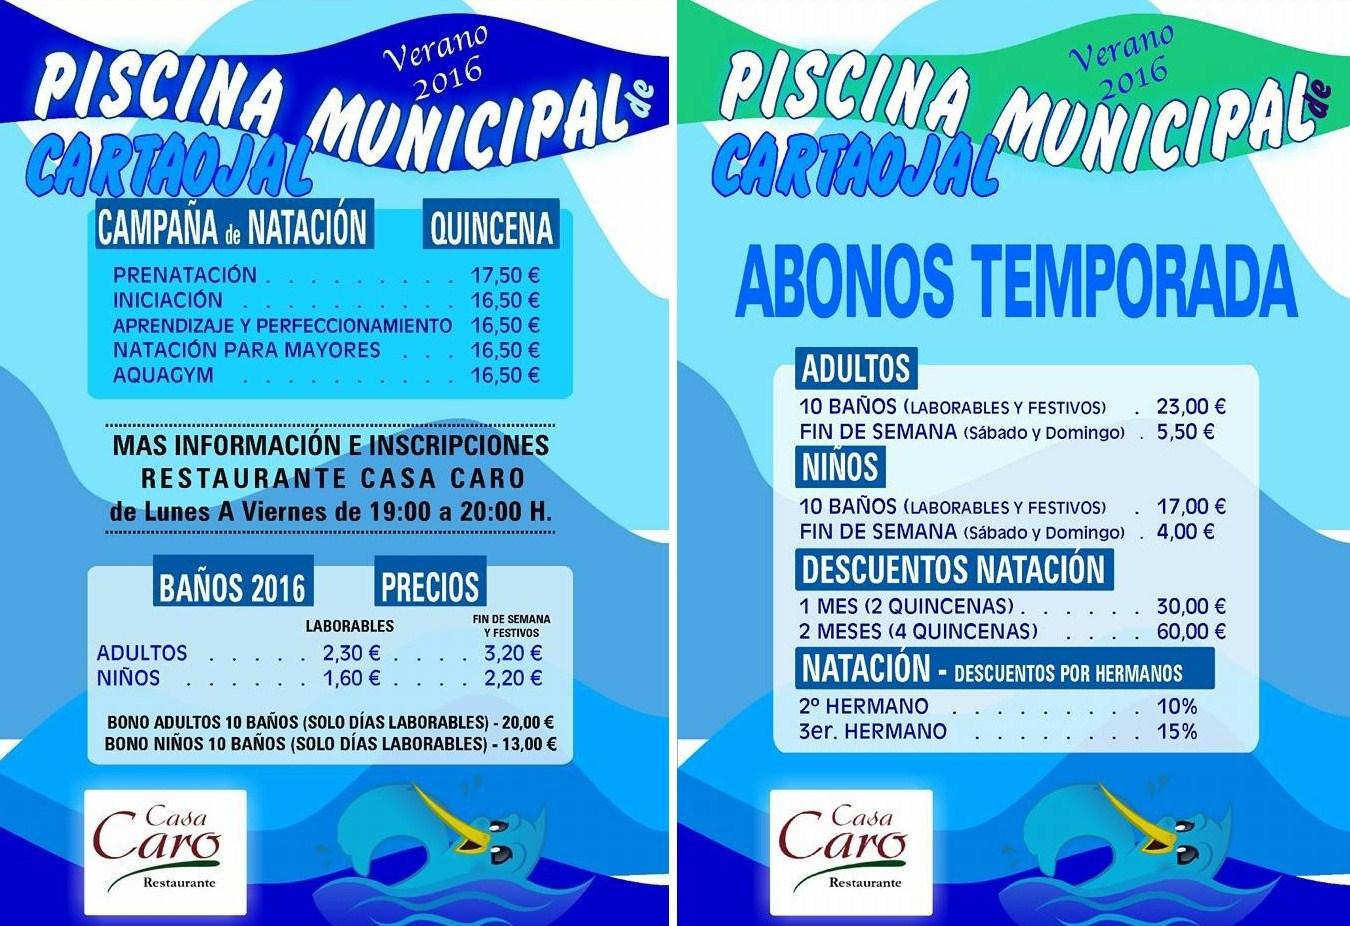 Noticias de cartaojal y antequera for Precio piscina municipal